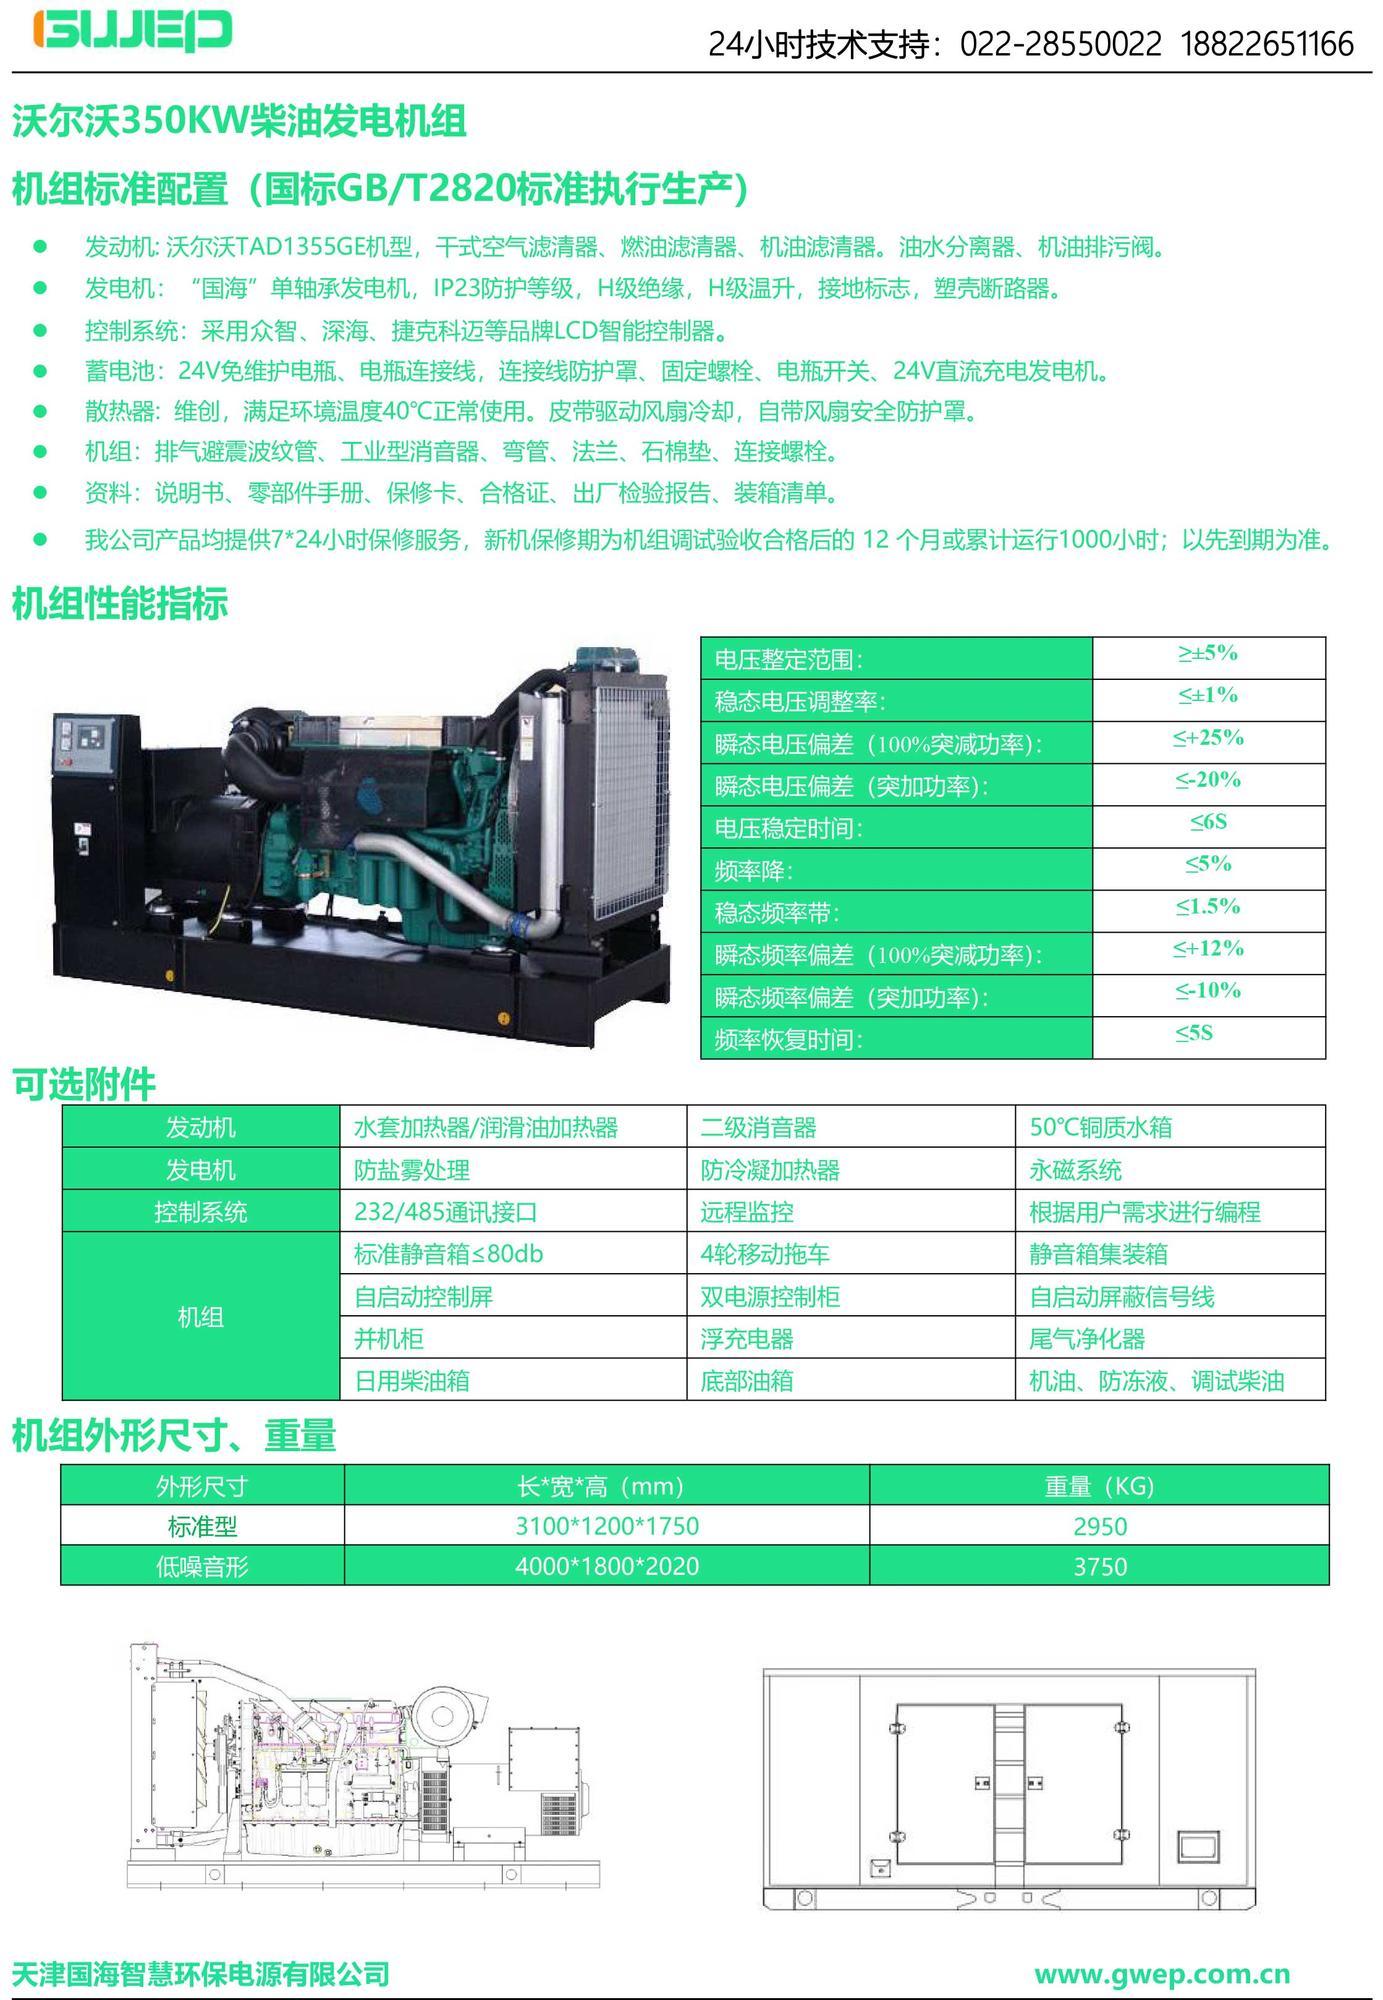 沃尔沃350KW发电机组技术资料-1.jpg